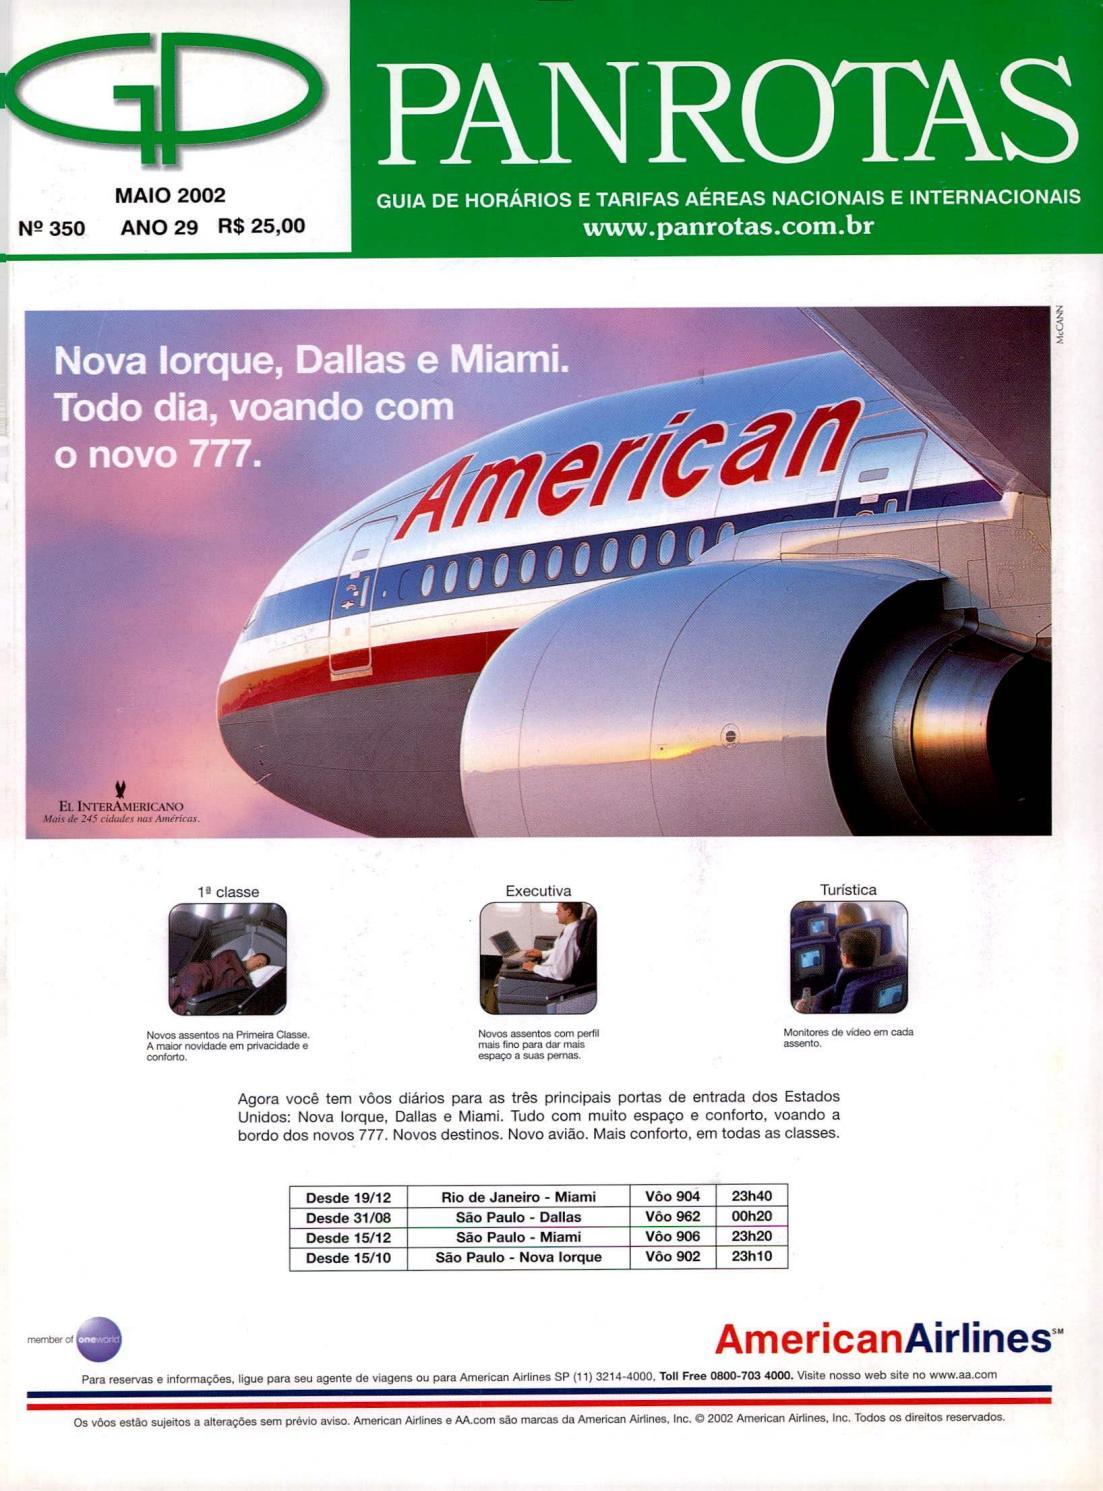 9dd618106c Guia PANROTAS - Edição 350 - Maio 2002 by PANROTAS Editora - issuu